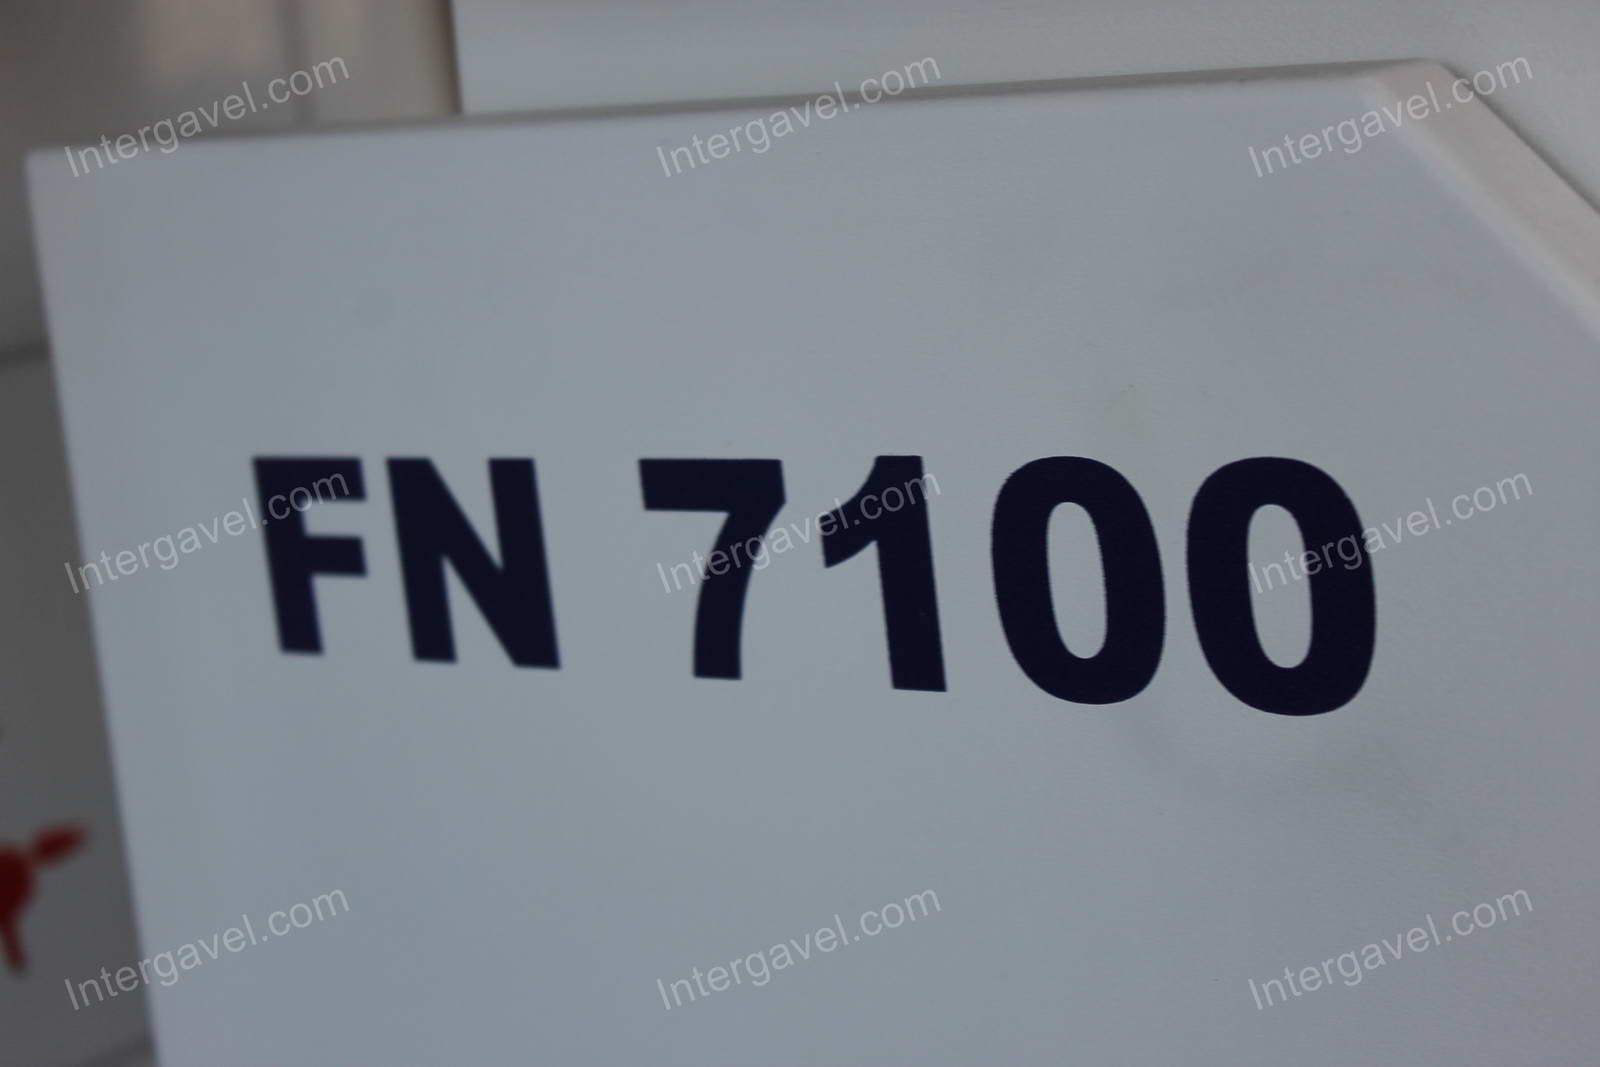 Erkaya FN 7100 drop meter